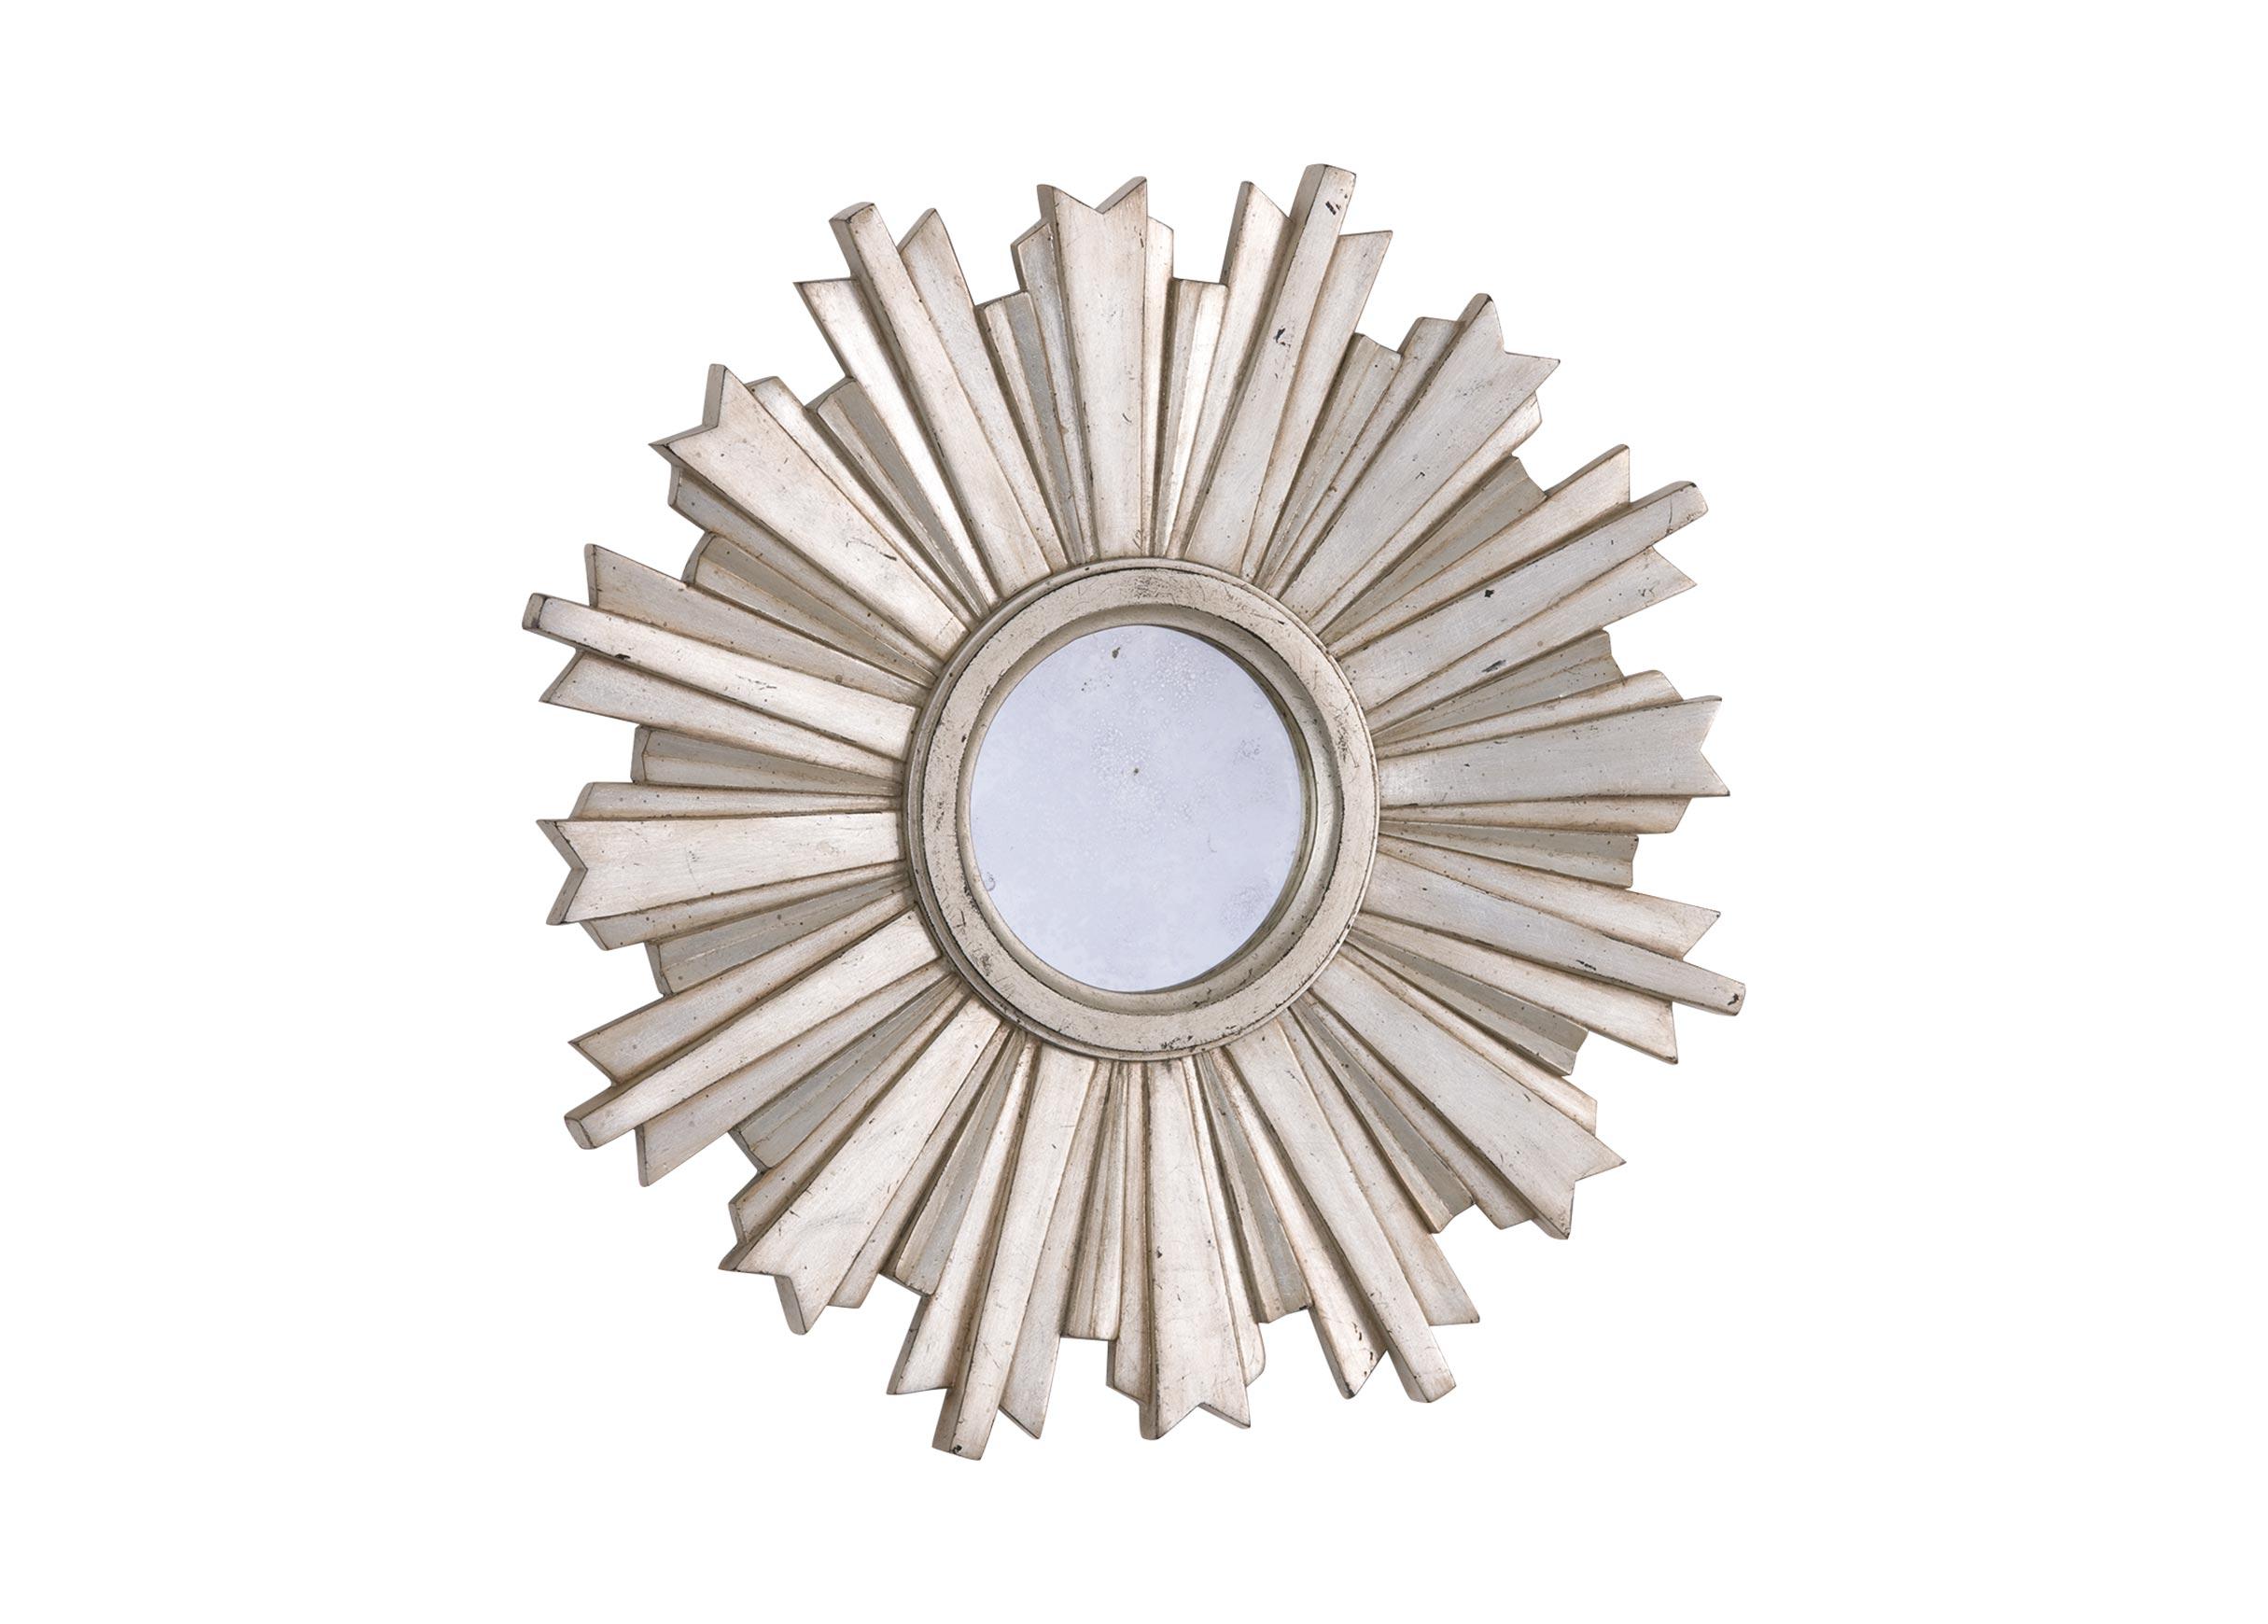 Mini Silver Starburst Mirror Mirrors